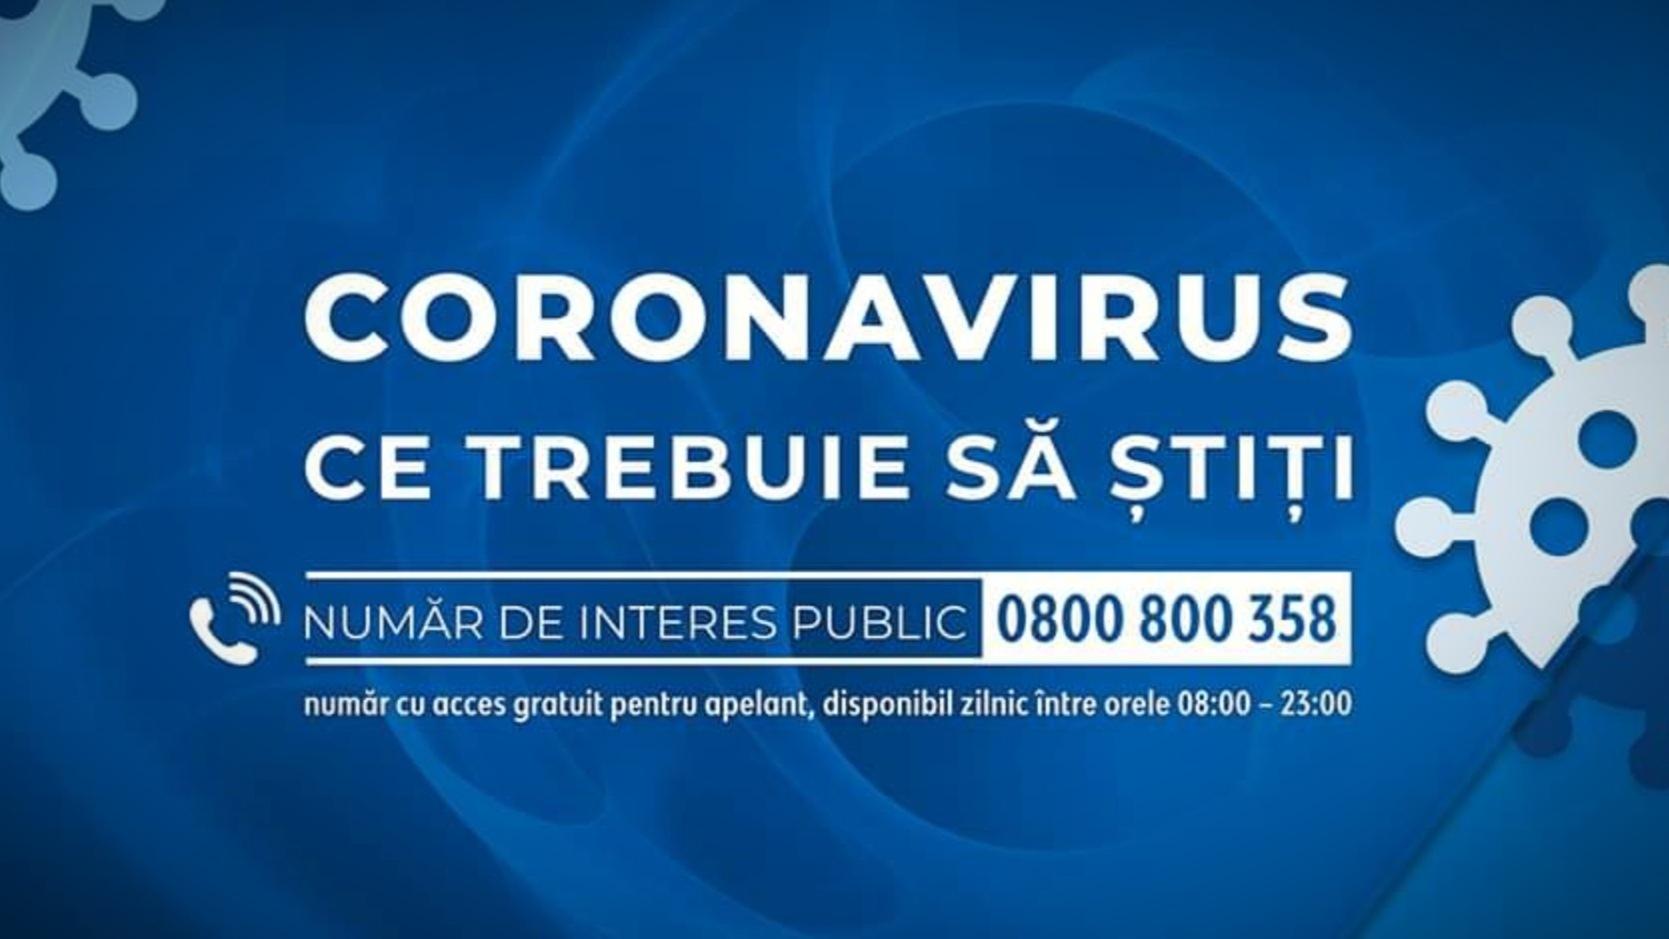 TELVERDE – Linie destinată cetățenilor care doresc informații despre situațiile legate de COVID